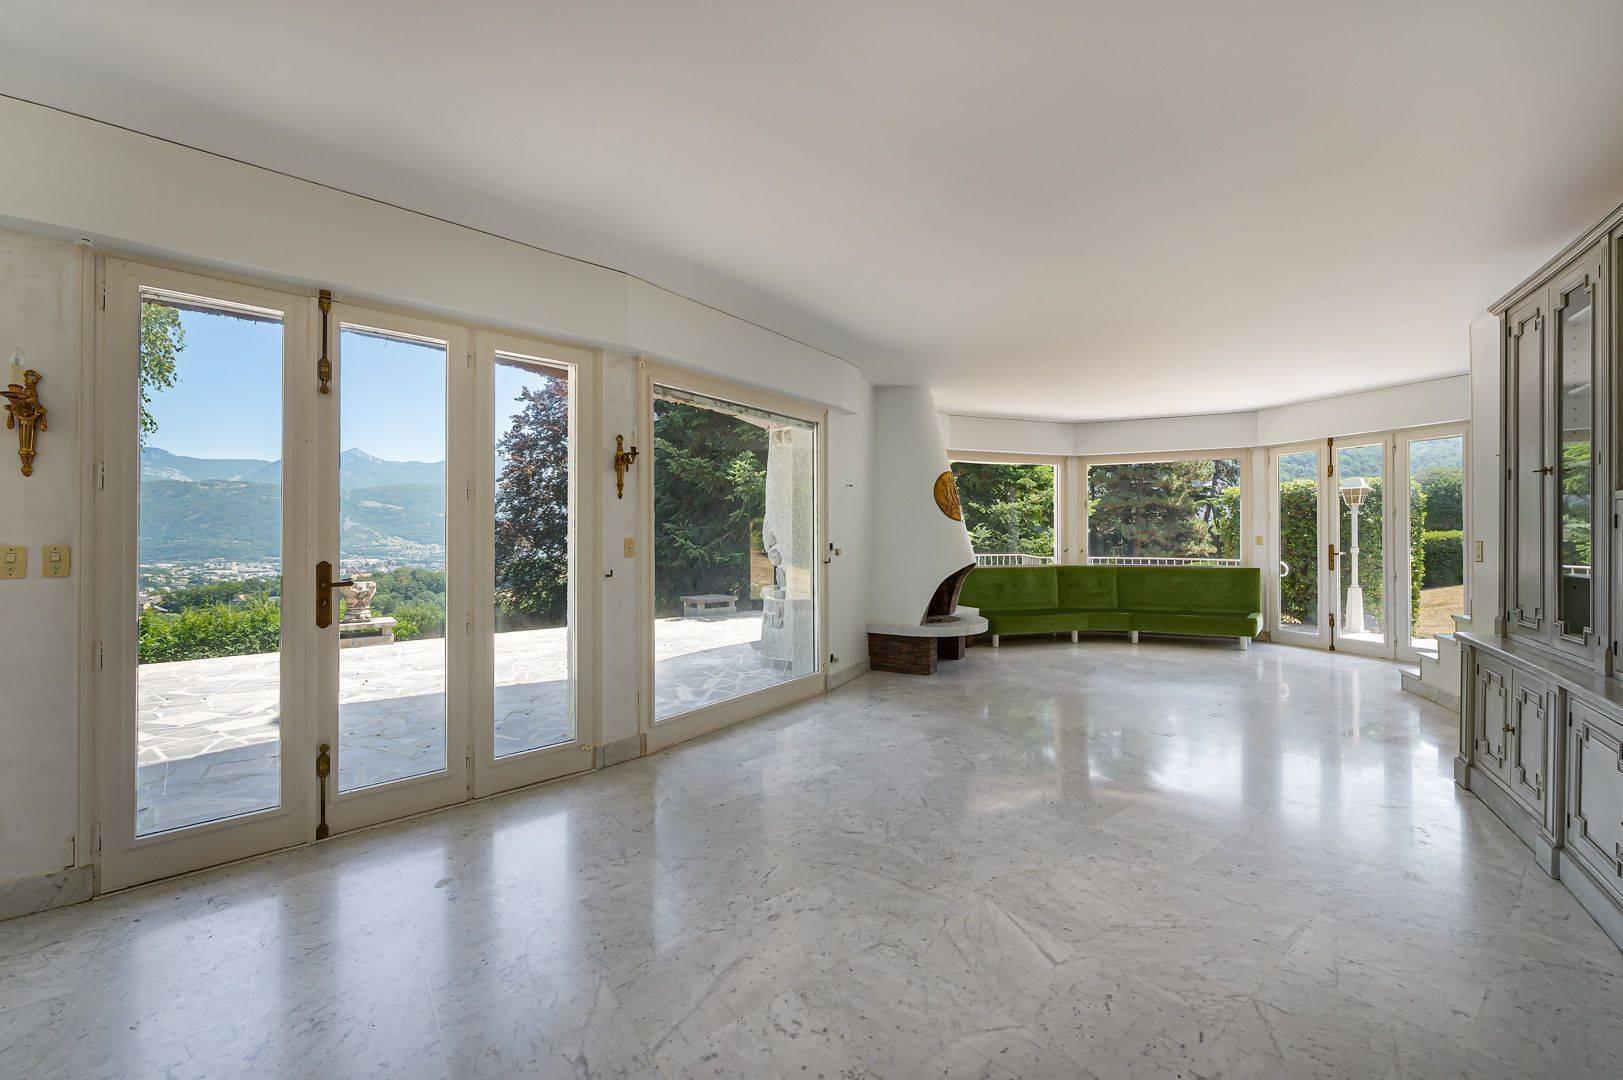 Cuisine Pour Tous Chambéry vente maison 5 pièces 132 m² chambéry 73000